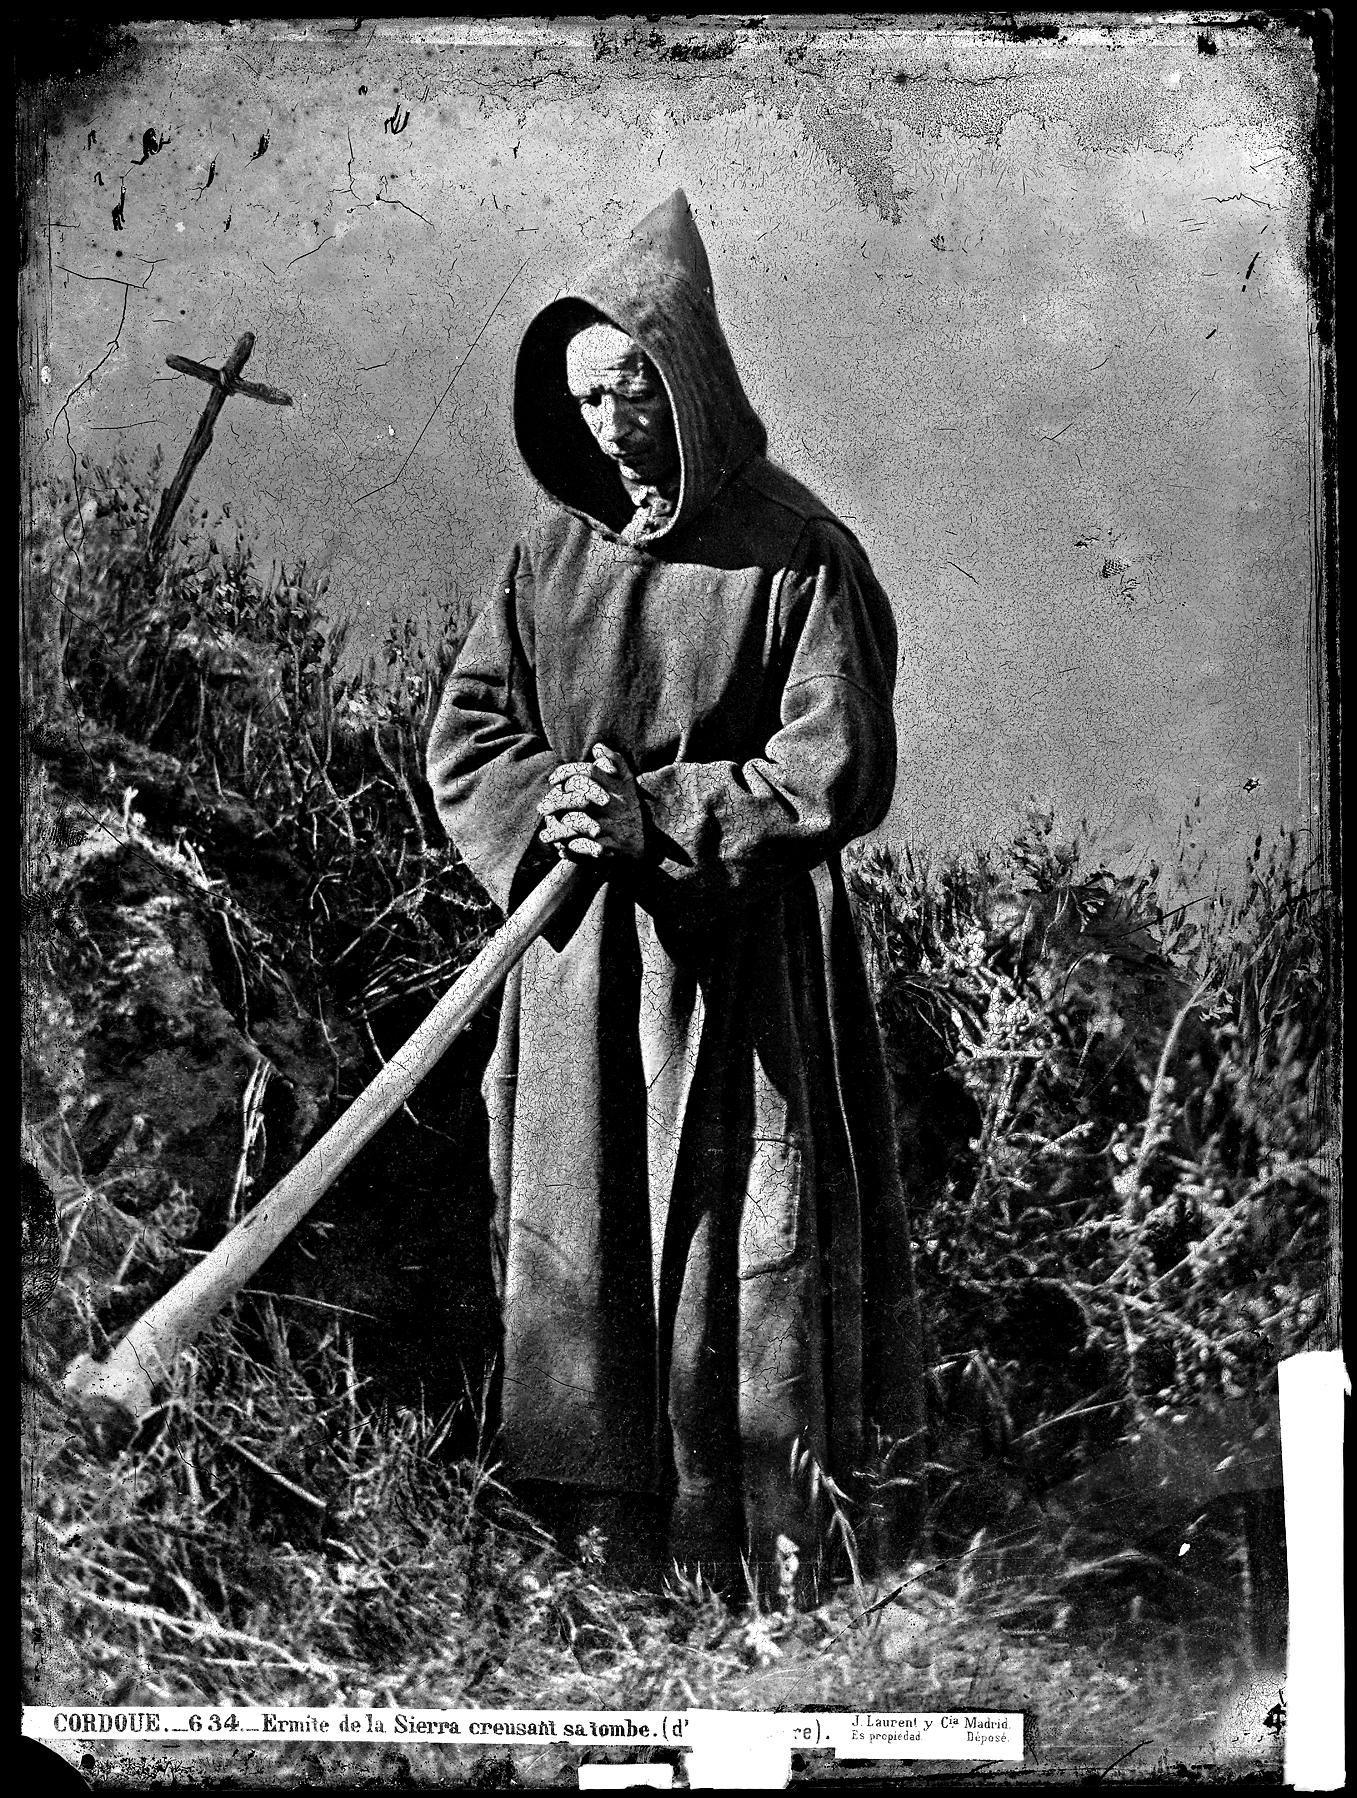 634 C�rdoba ermita�o de la sierra cavanndo su tumba.jpg